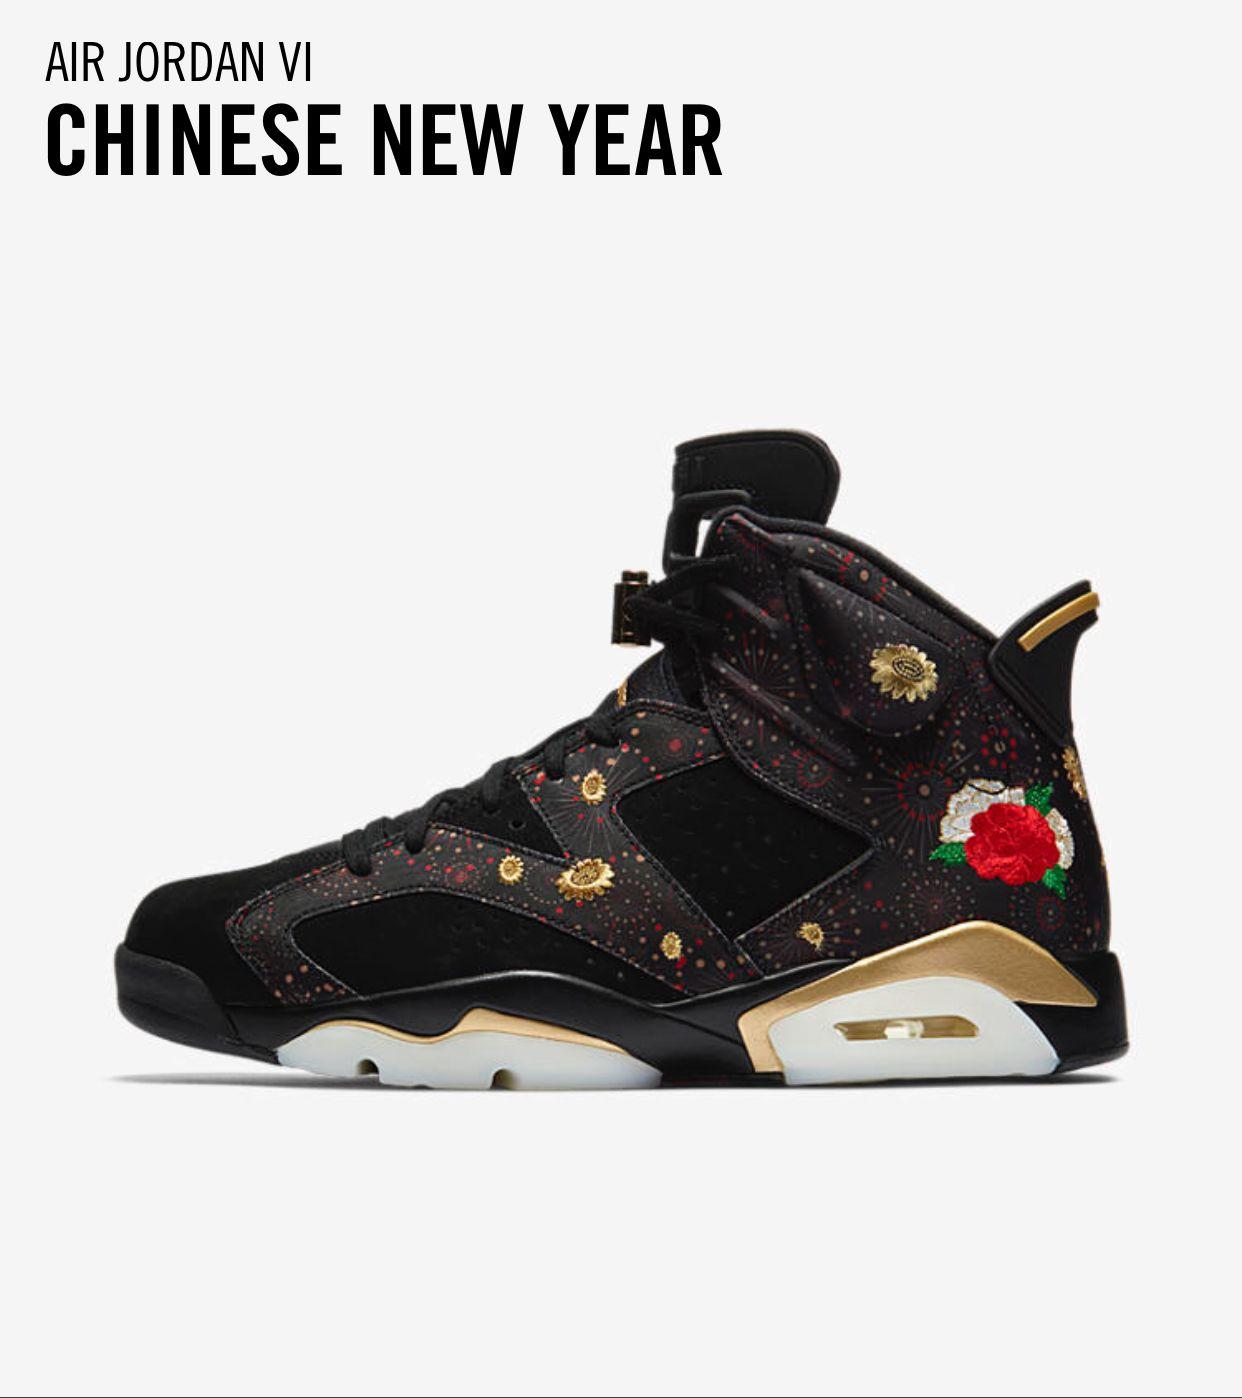 jordan retro 6 chinese new year nz